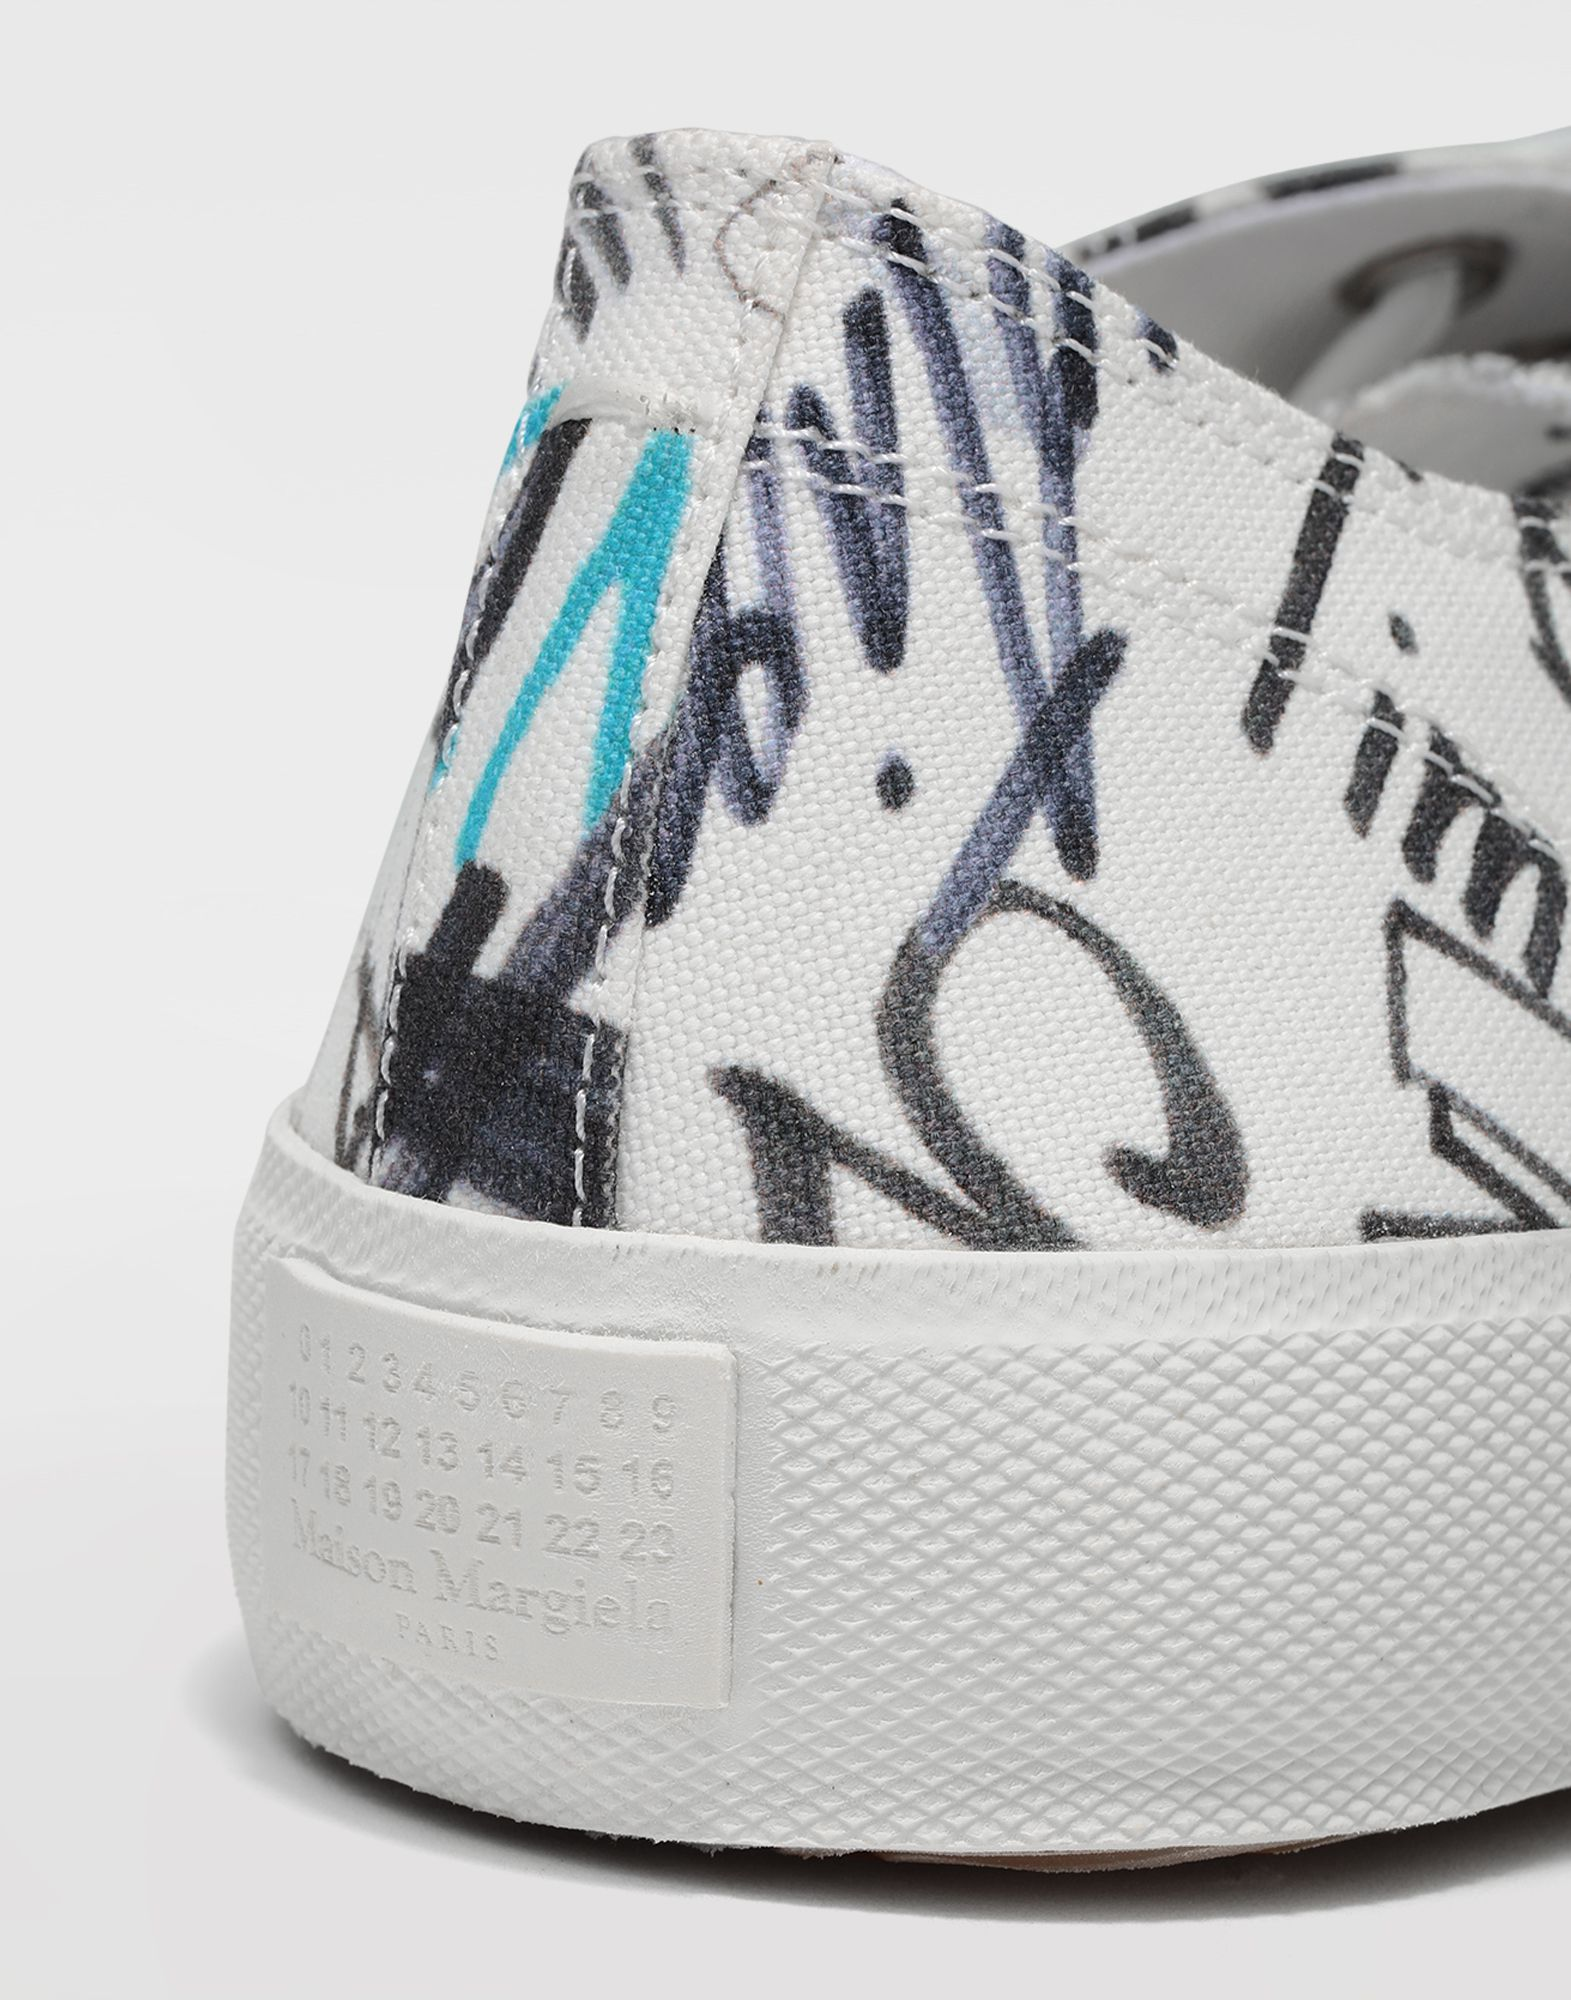 MAISON MARGIELA Graffiti Tabi sneakers Sneakers Man b